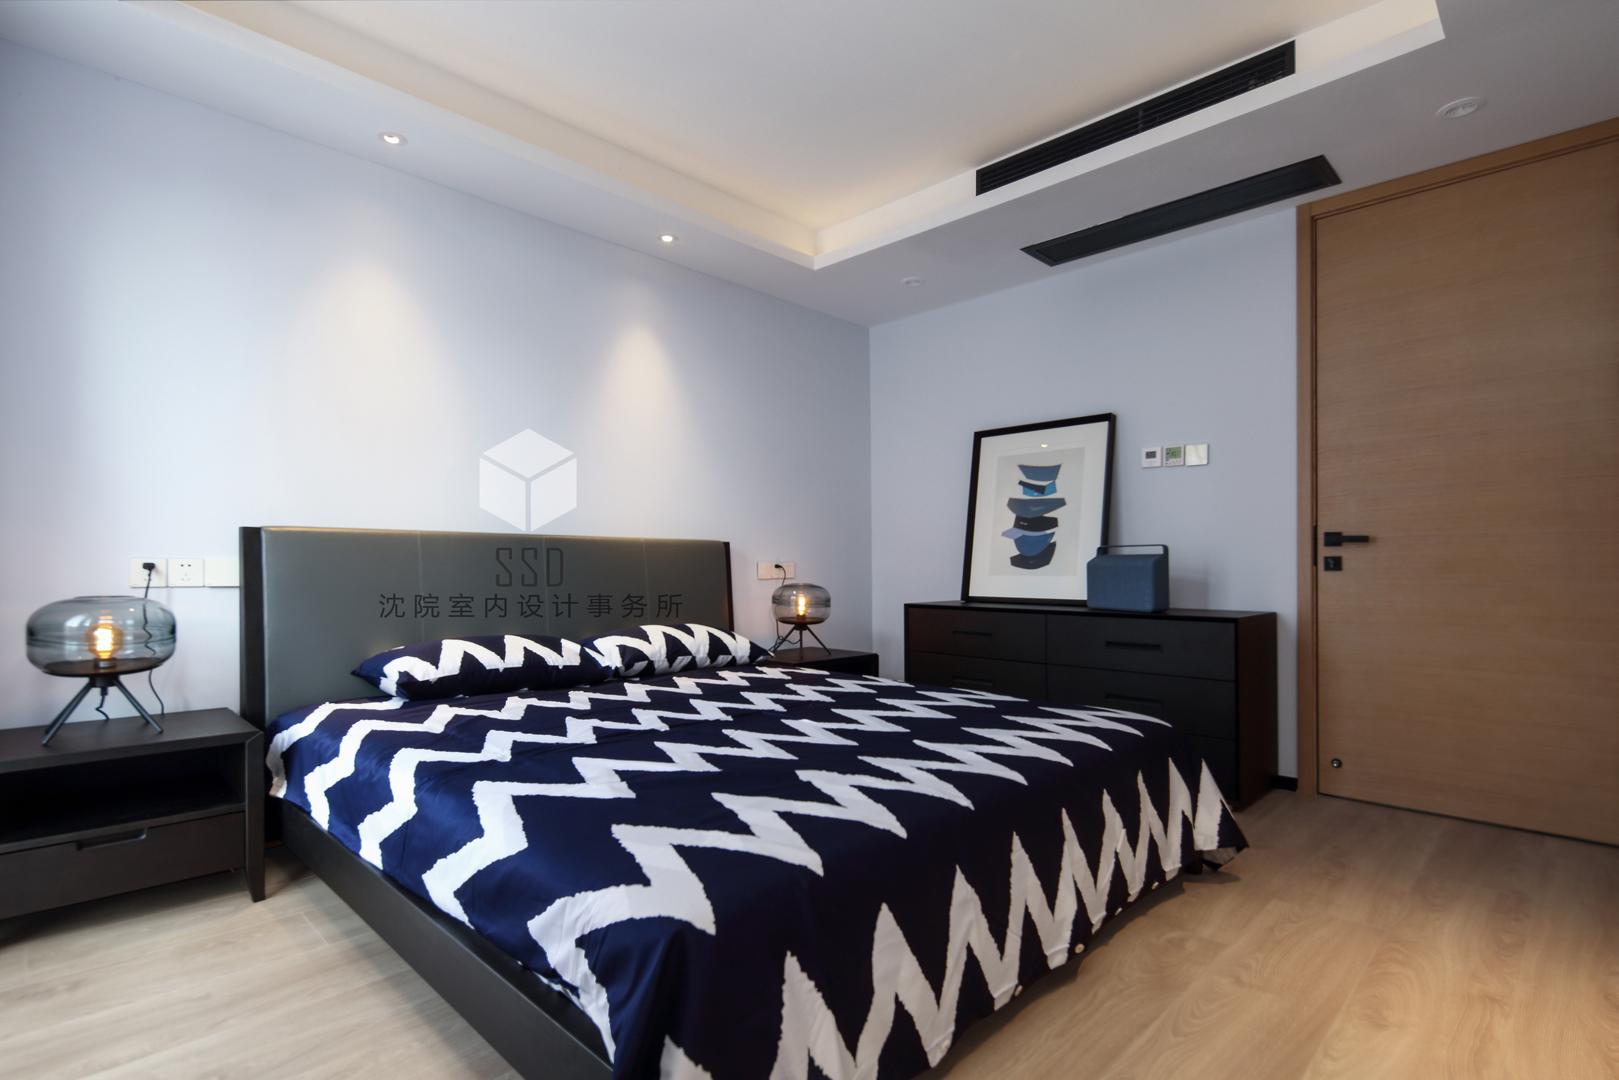 简约 别墅 卧室图片来自沈院在净▪静的分享